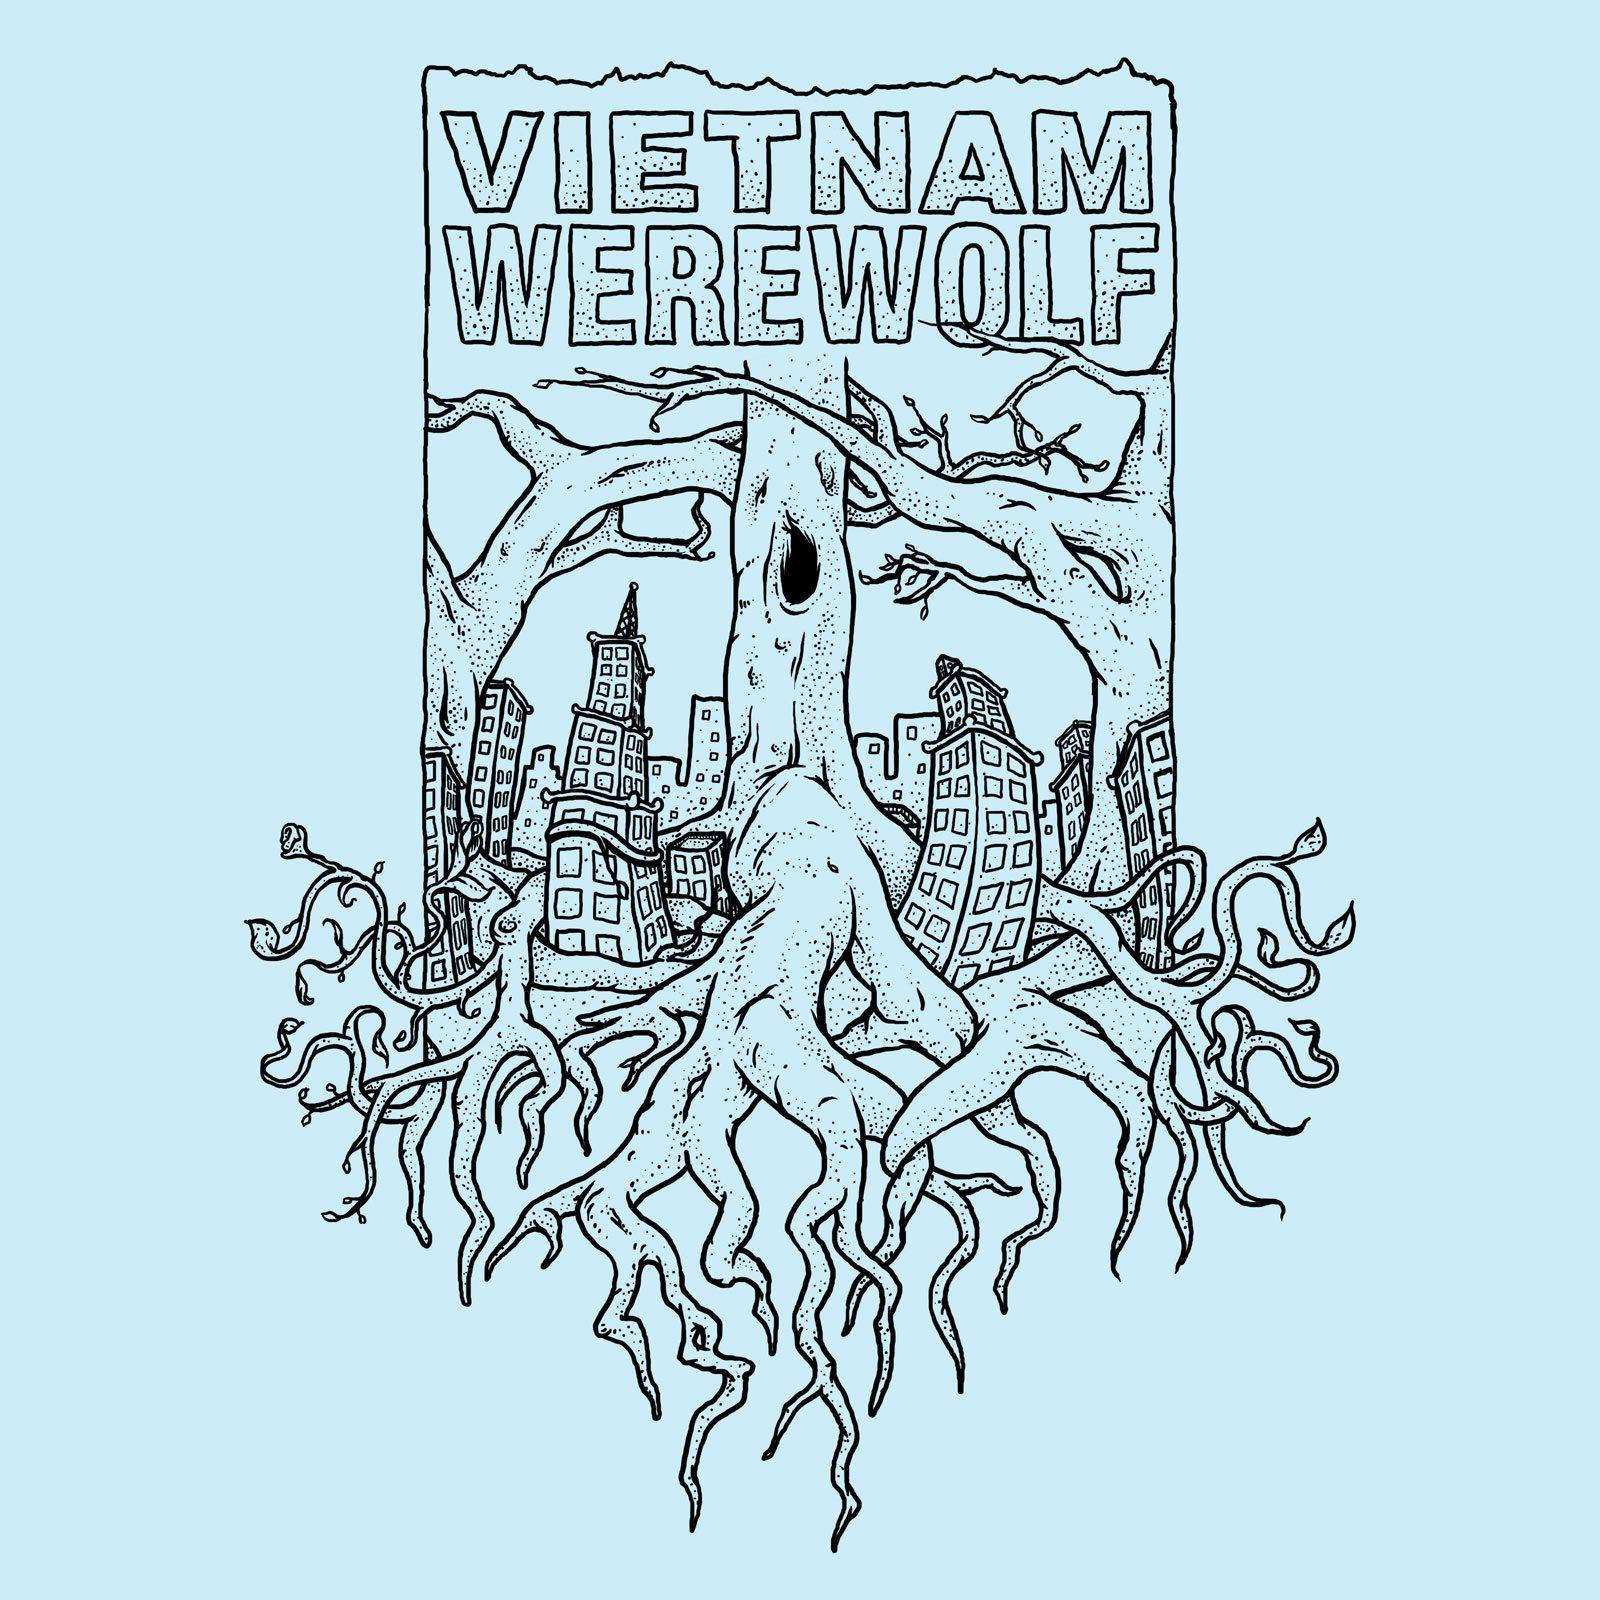 Vietnam Werewolf